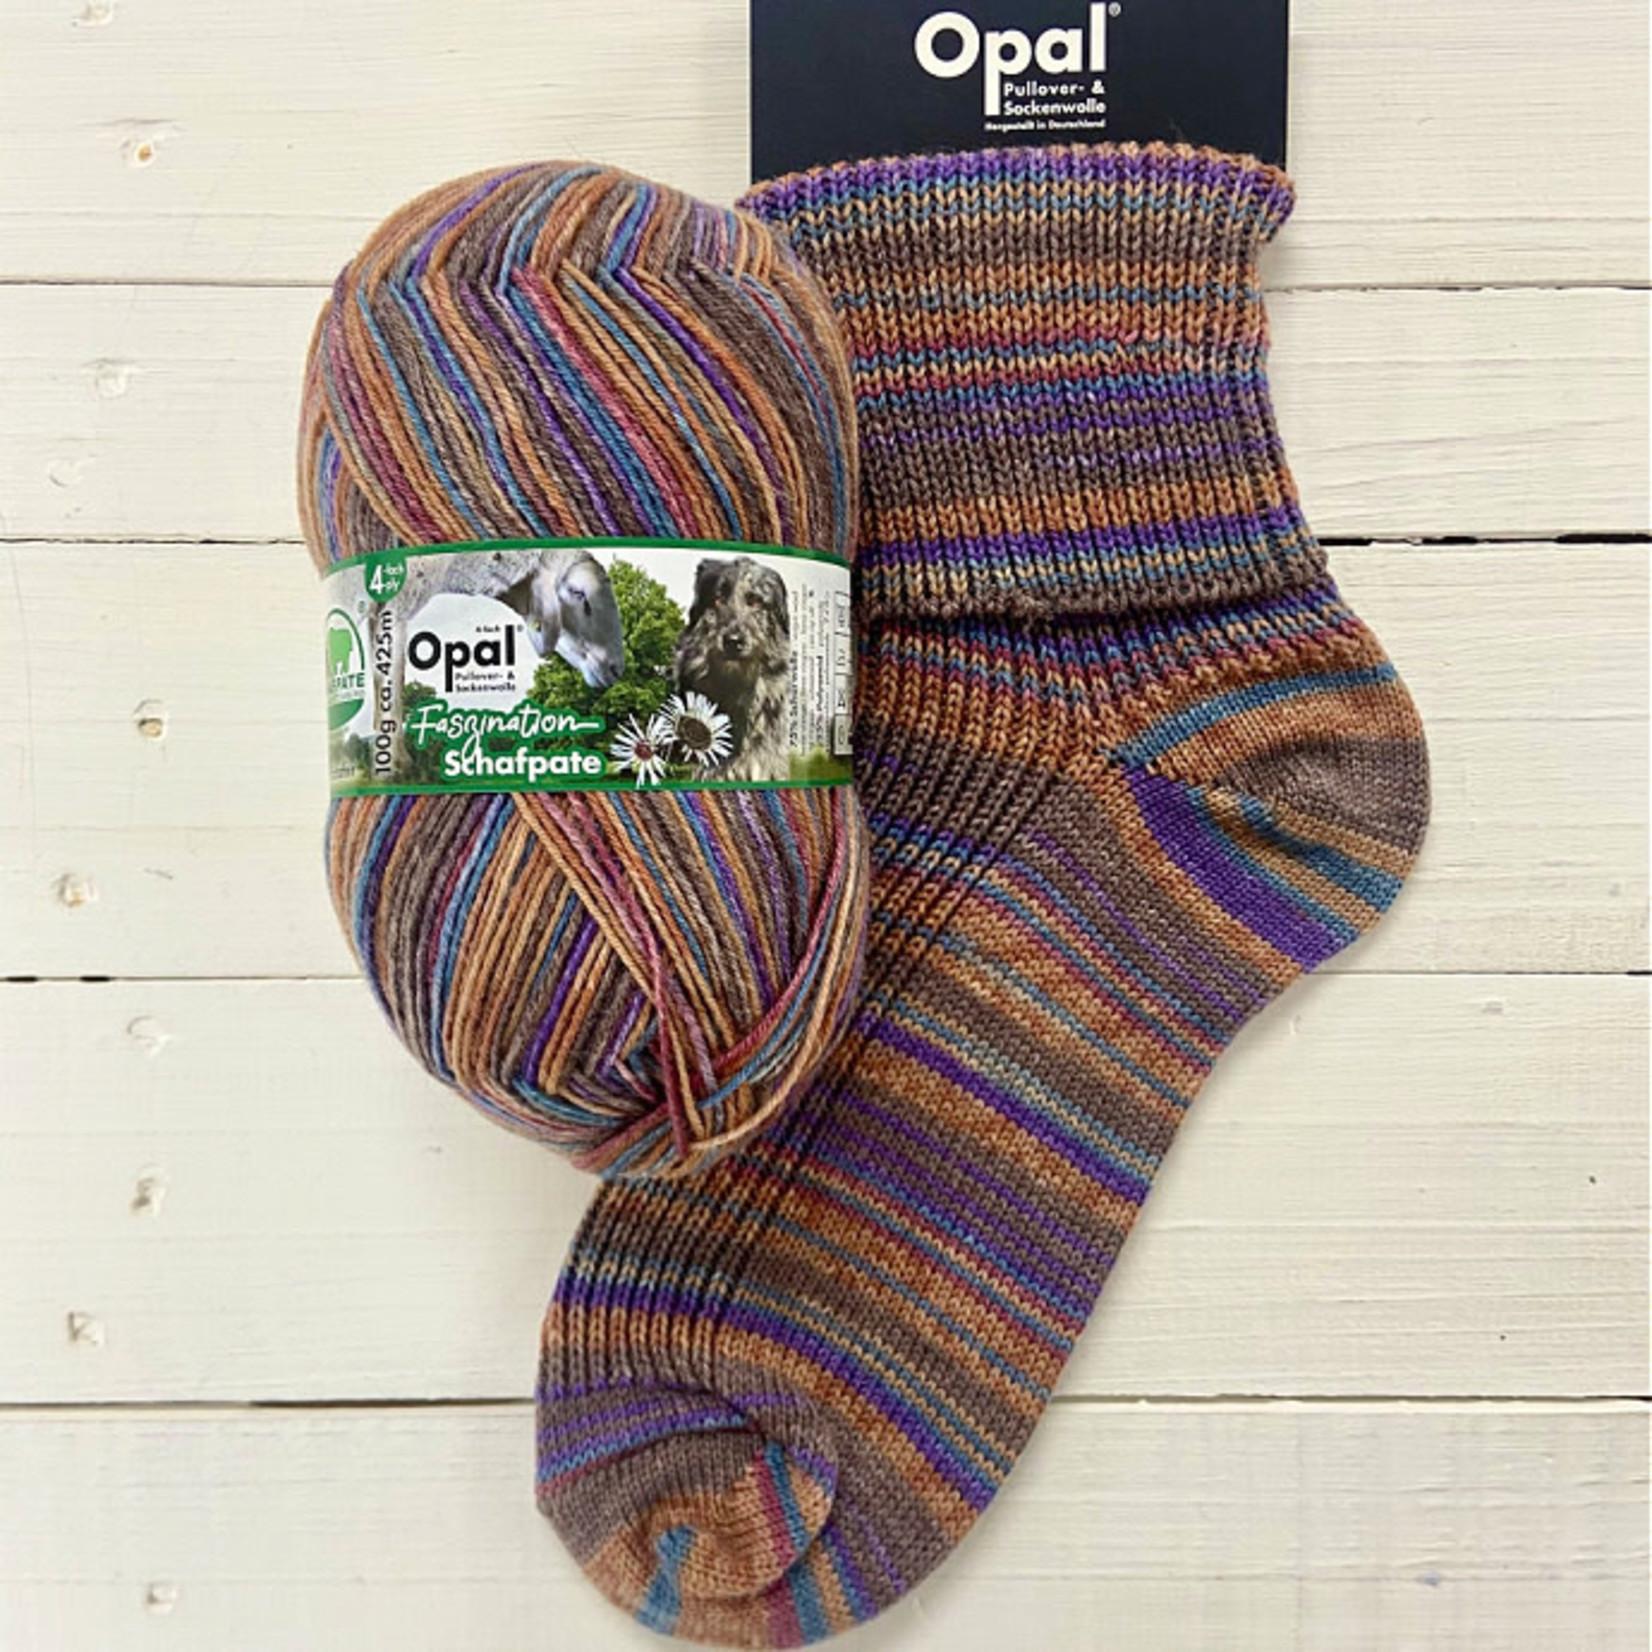 Opal Schapfate 13 by Opal